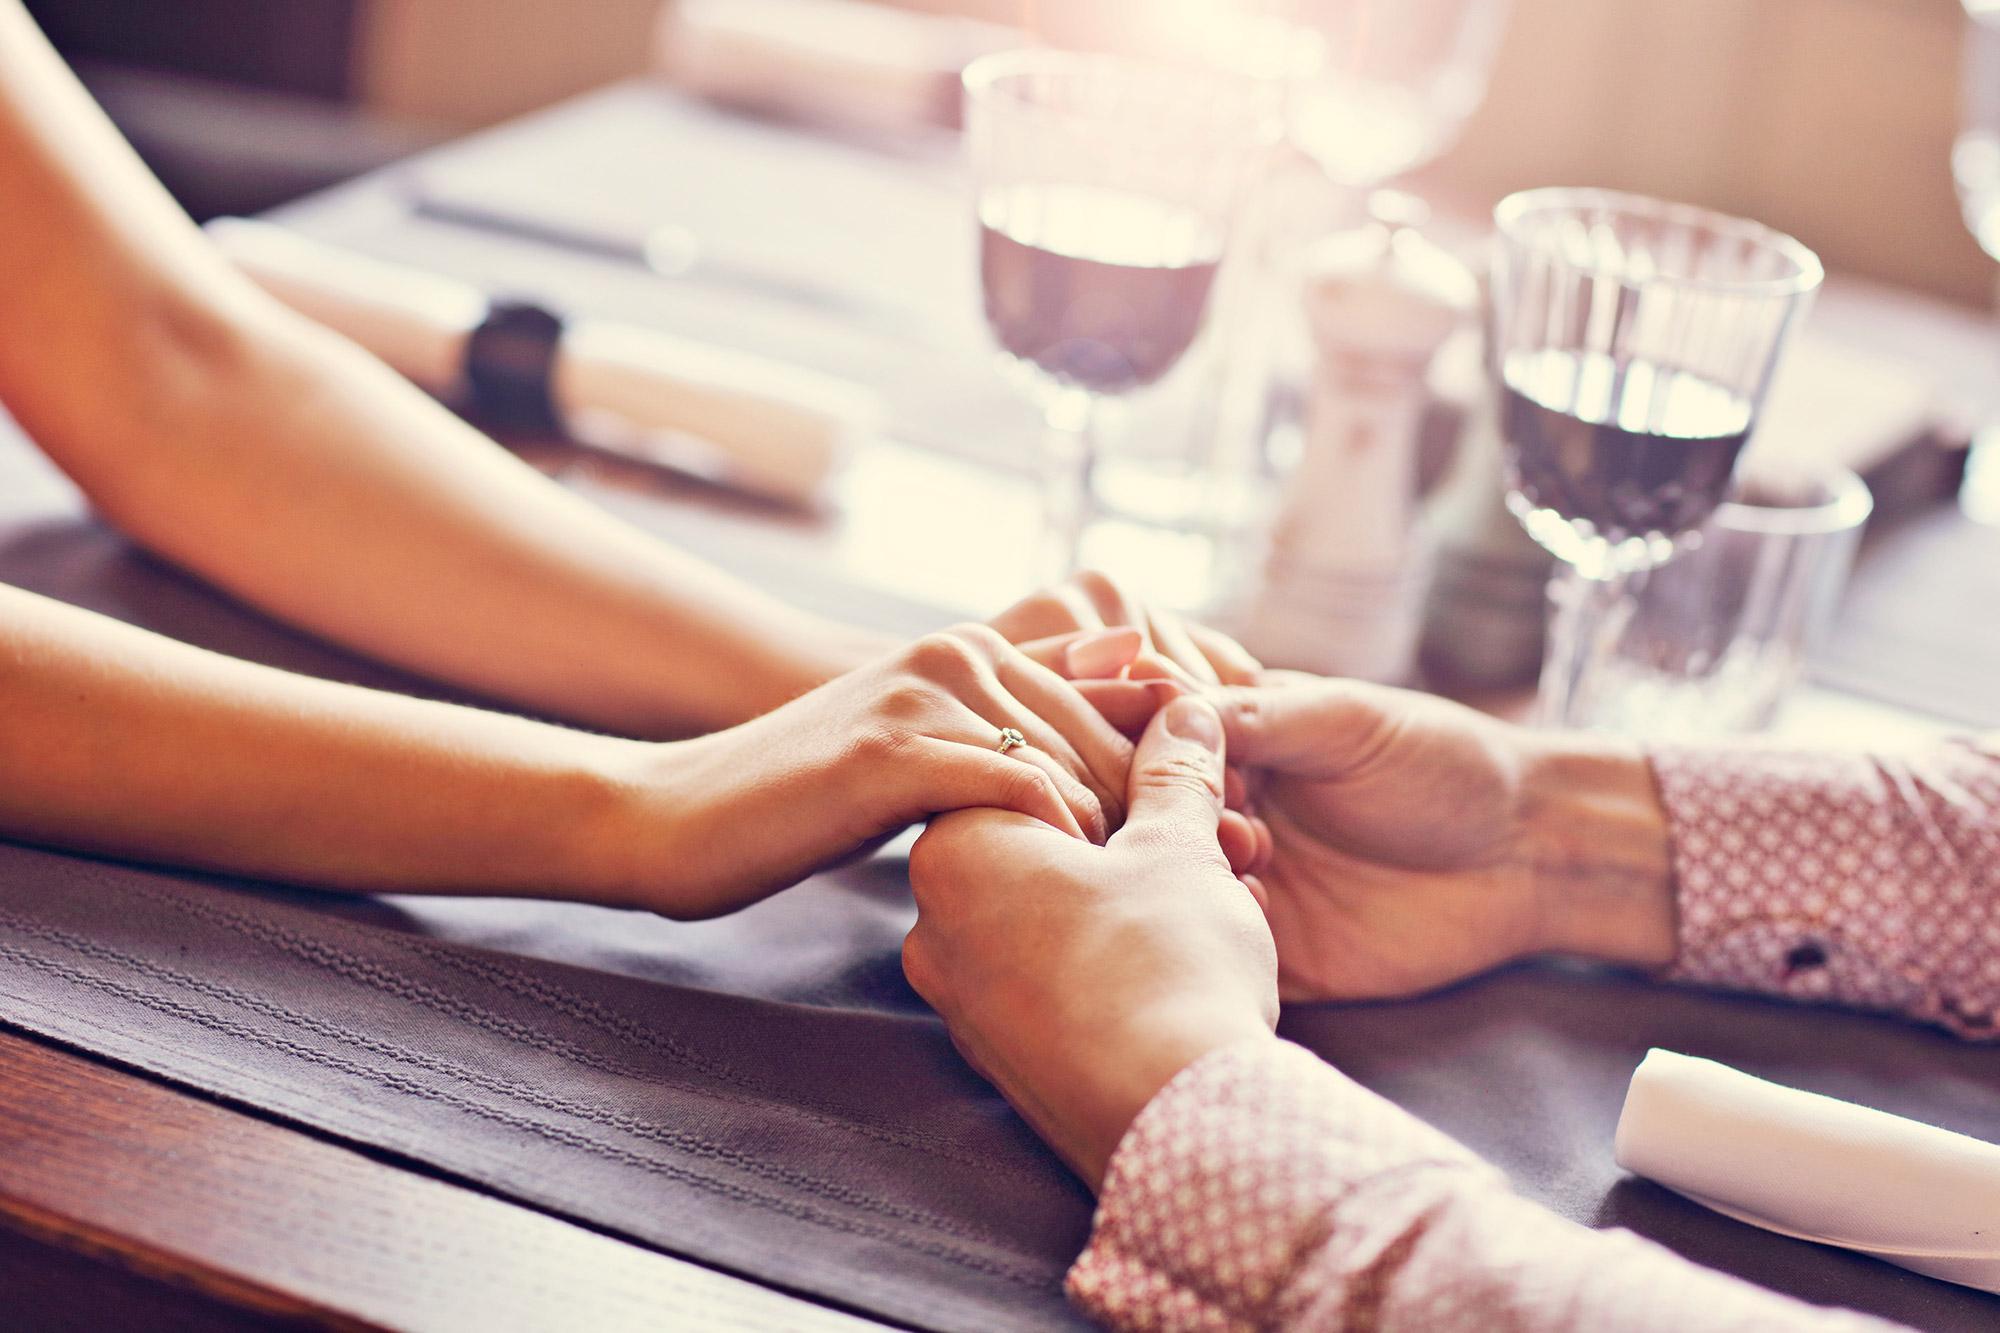 Couple à table qui se tiennent la main, marie bras nu, femme manche pull rose